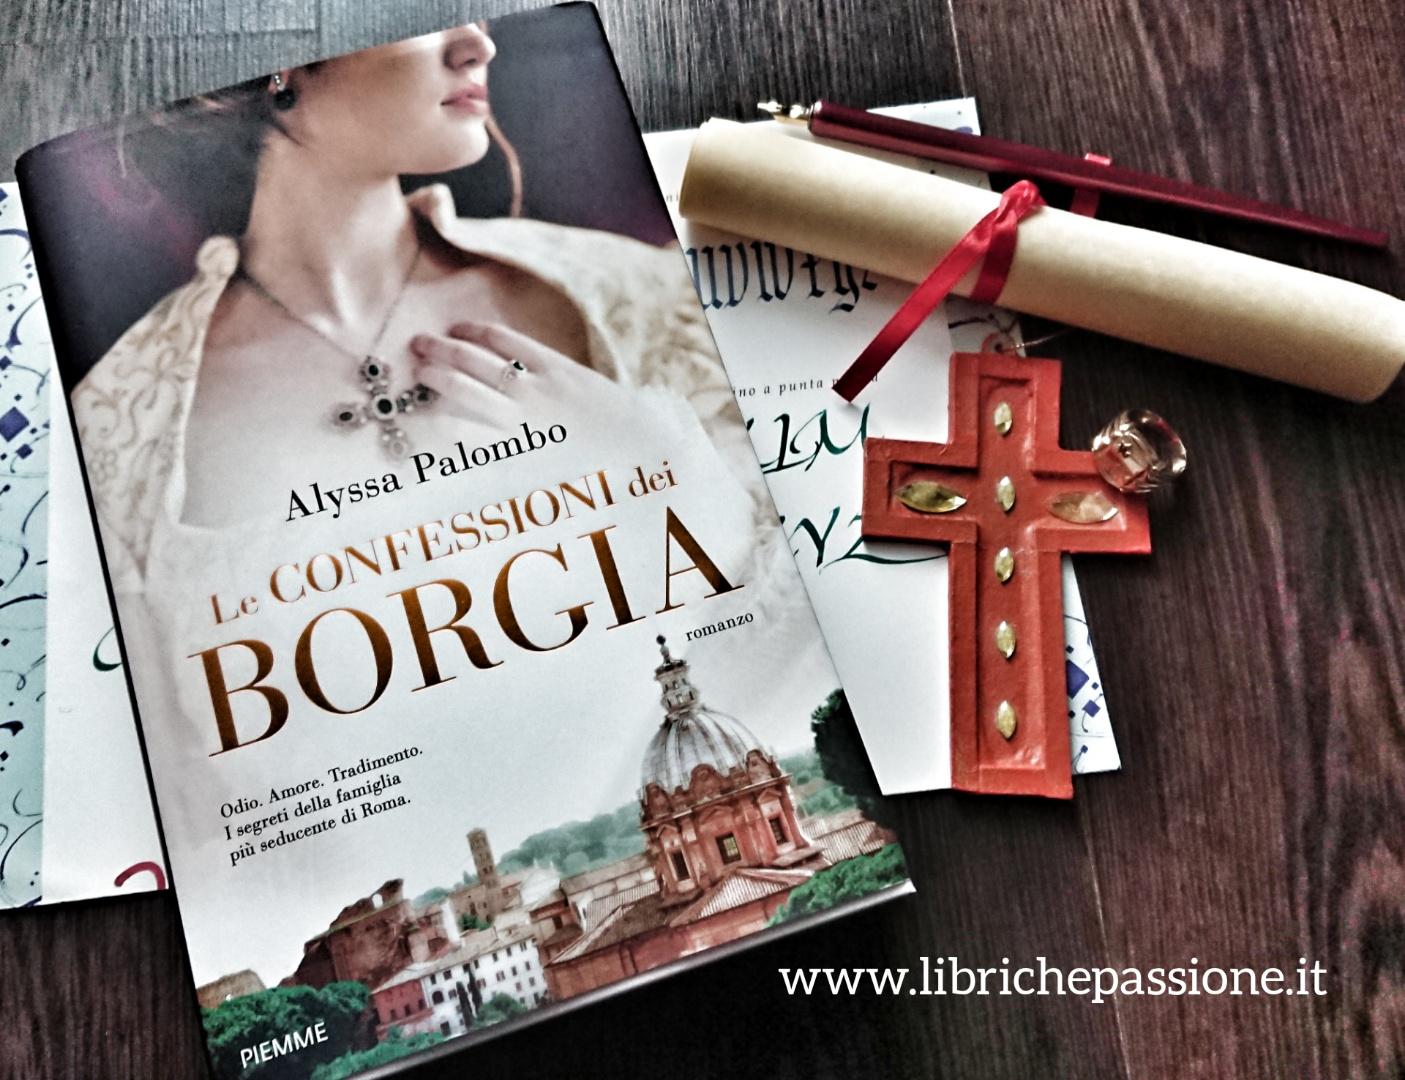 """Recensione del romanzo """" Le confessioni dei Borgia"""" di Alyssa Palombo edito da Piemme edizioni."""